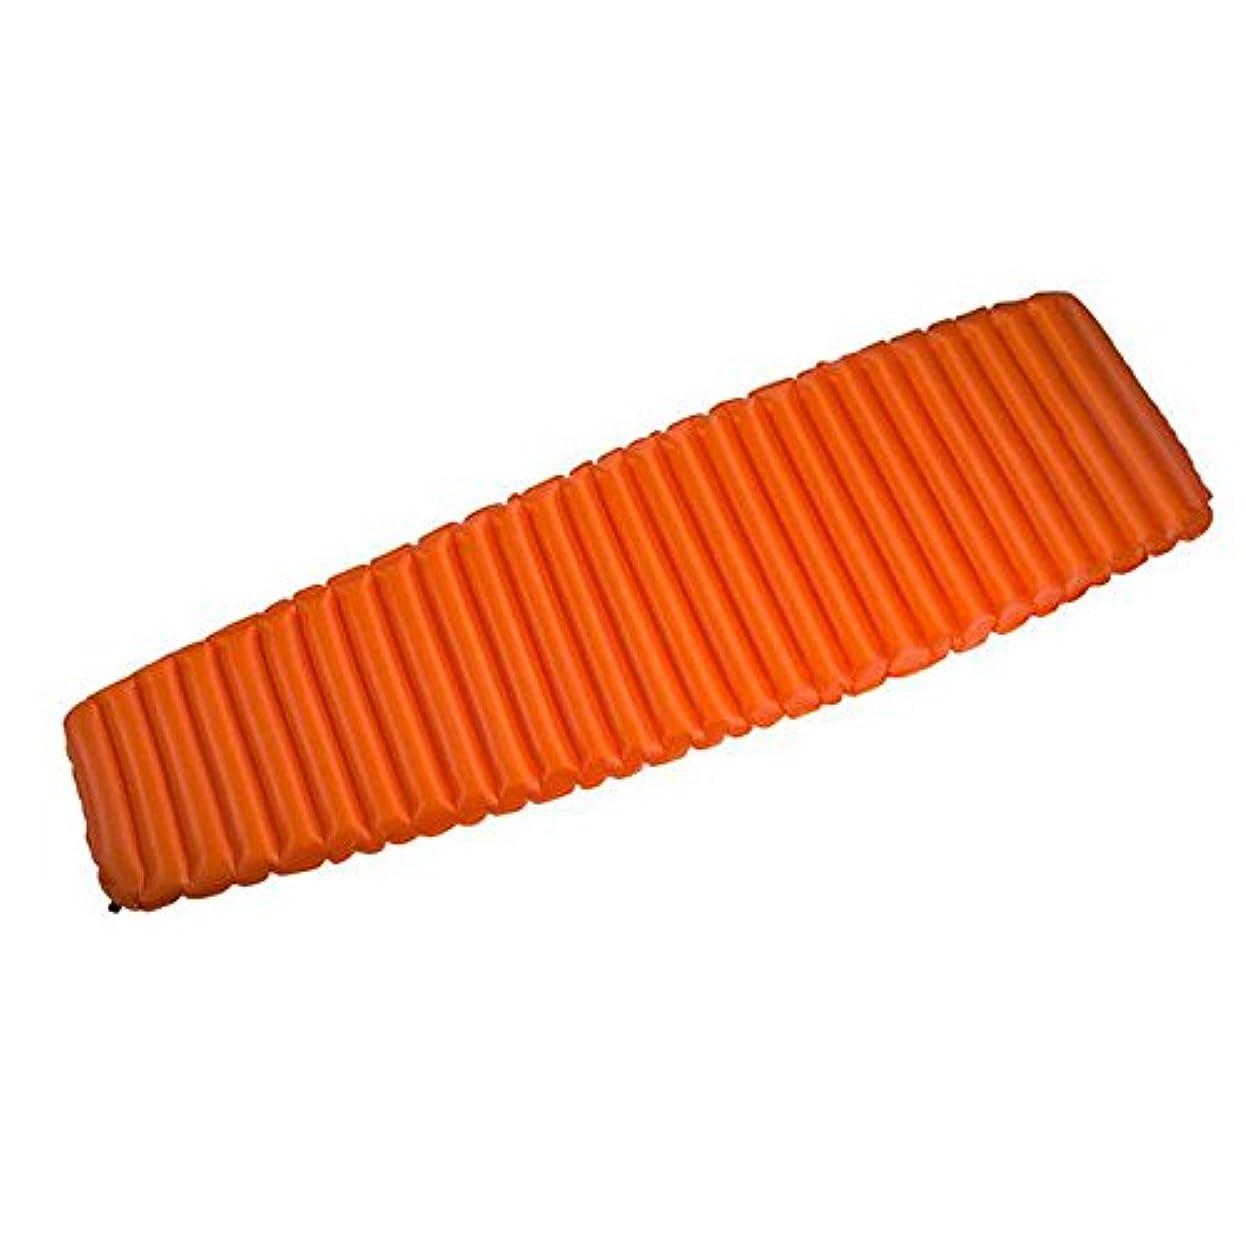 時間厳守ラベンダー資産anhpiアウトドア自動インフレータブルSingle Sleeping Pad軽量ポータブル登山水分パッド独立性パッドキャンプテントインフレータブルマットレス オレンジ 23674